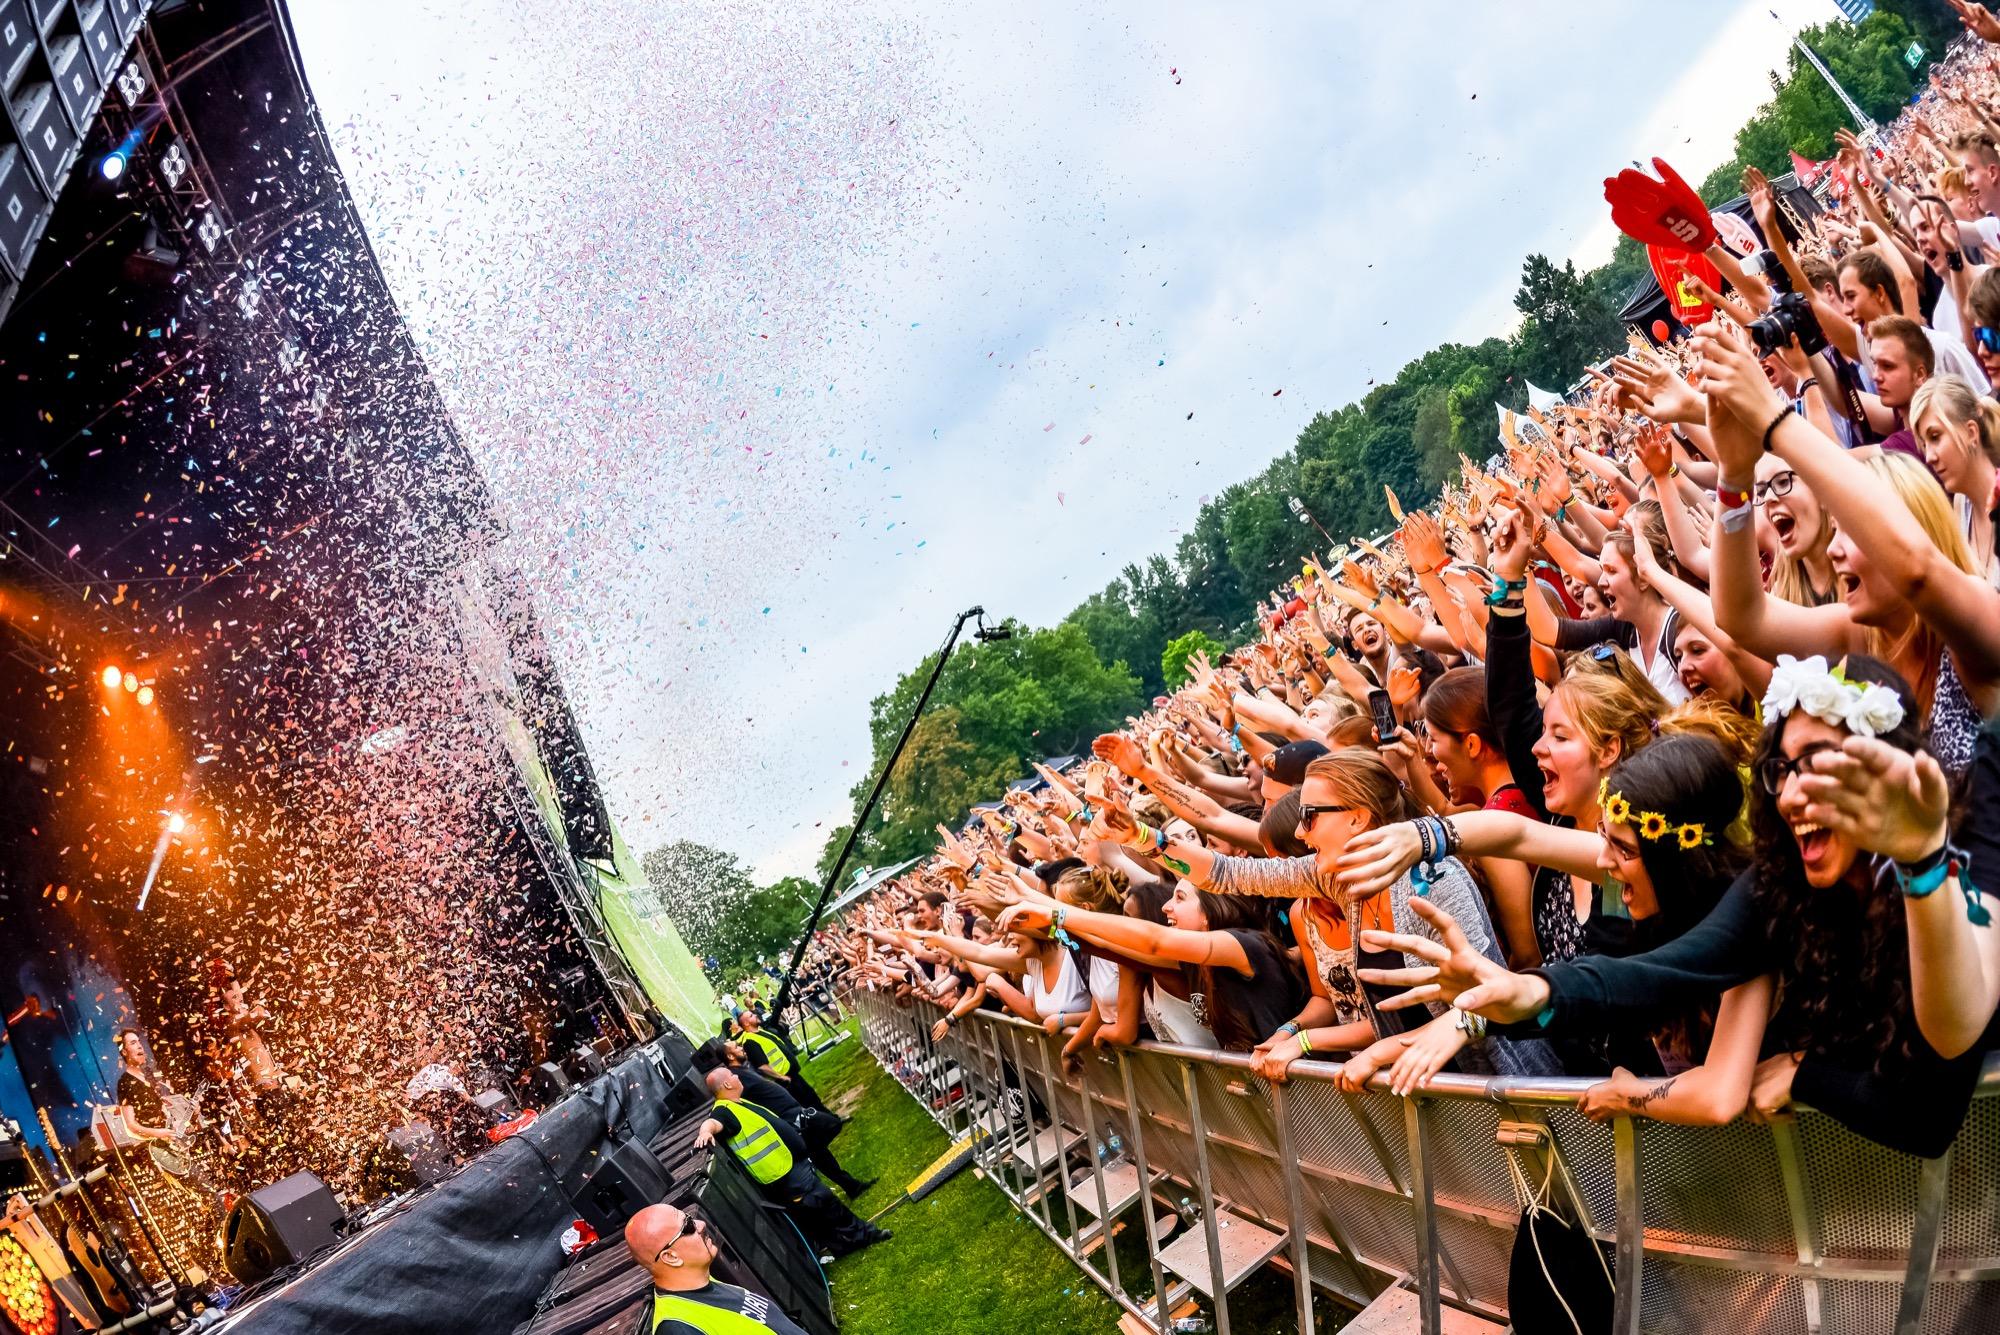 Nachdem im vergangenen Jahr ein Festivaltag ausfallen musste, soll am Wochenende Partytime herrschen. (© H&H Photograpcics/ Juicy Beats)